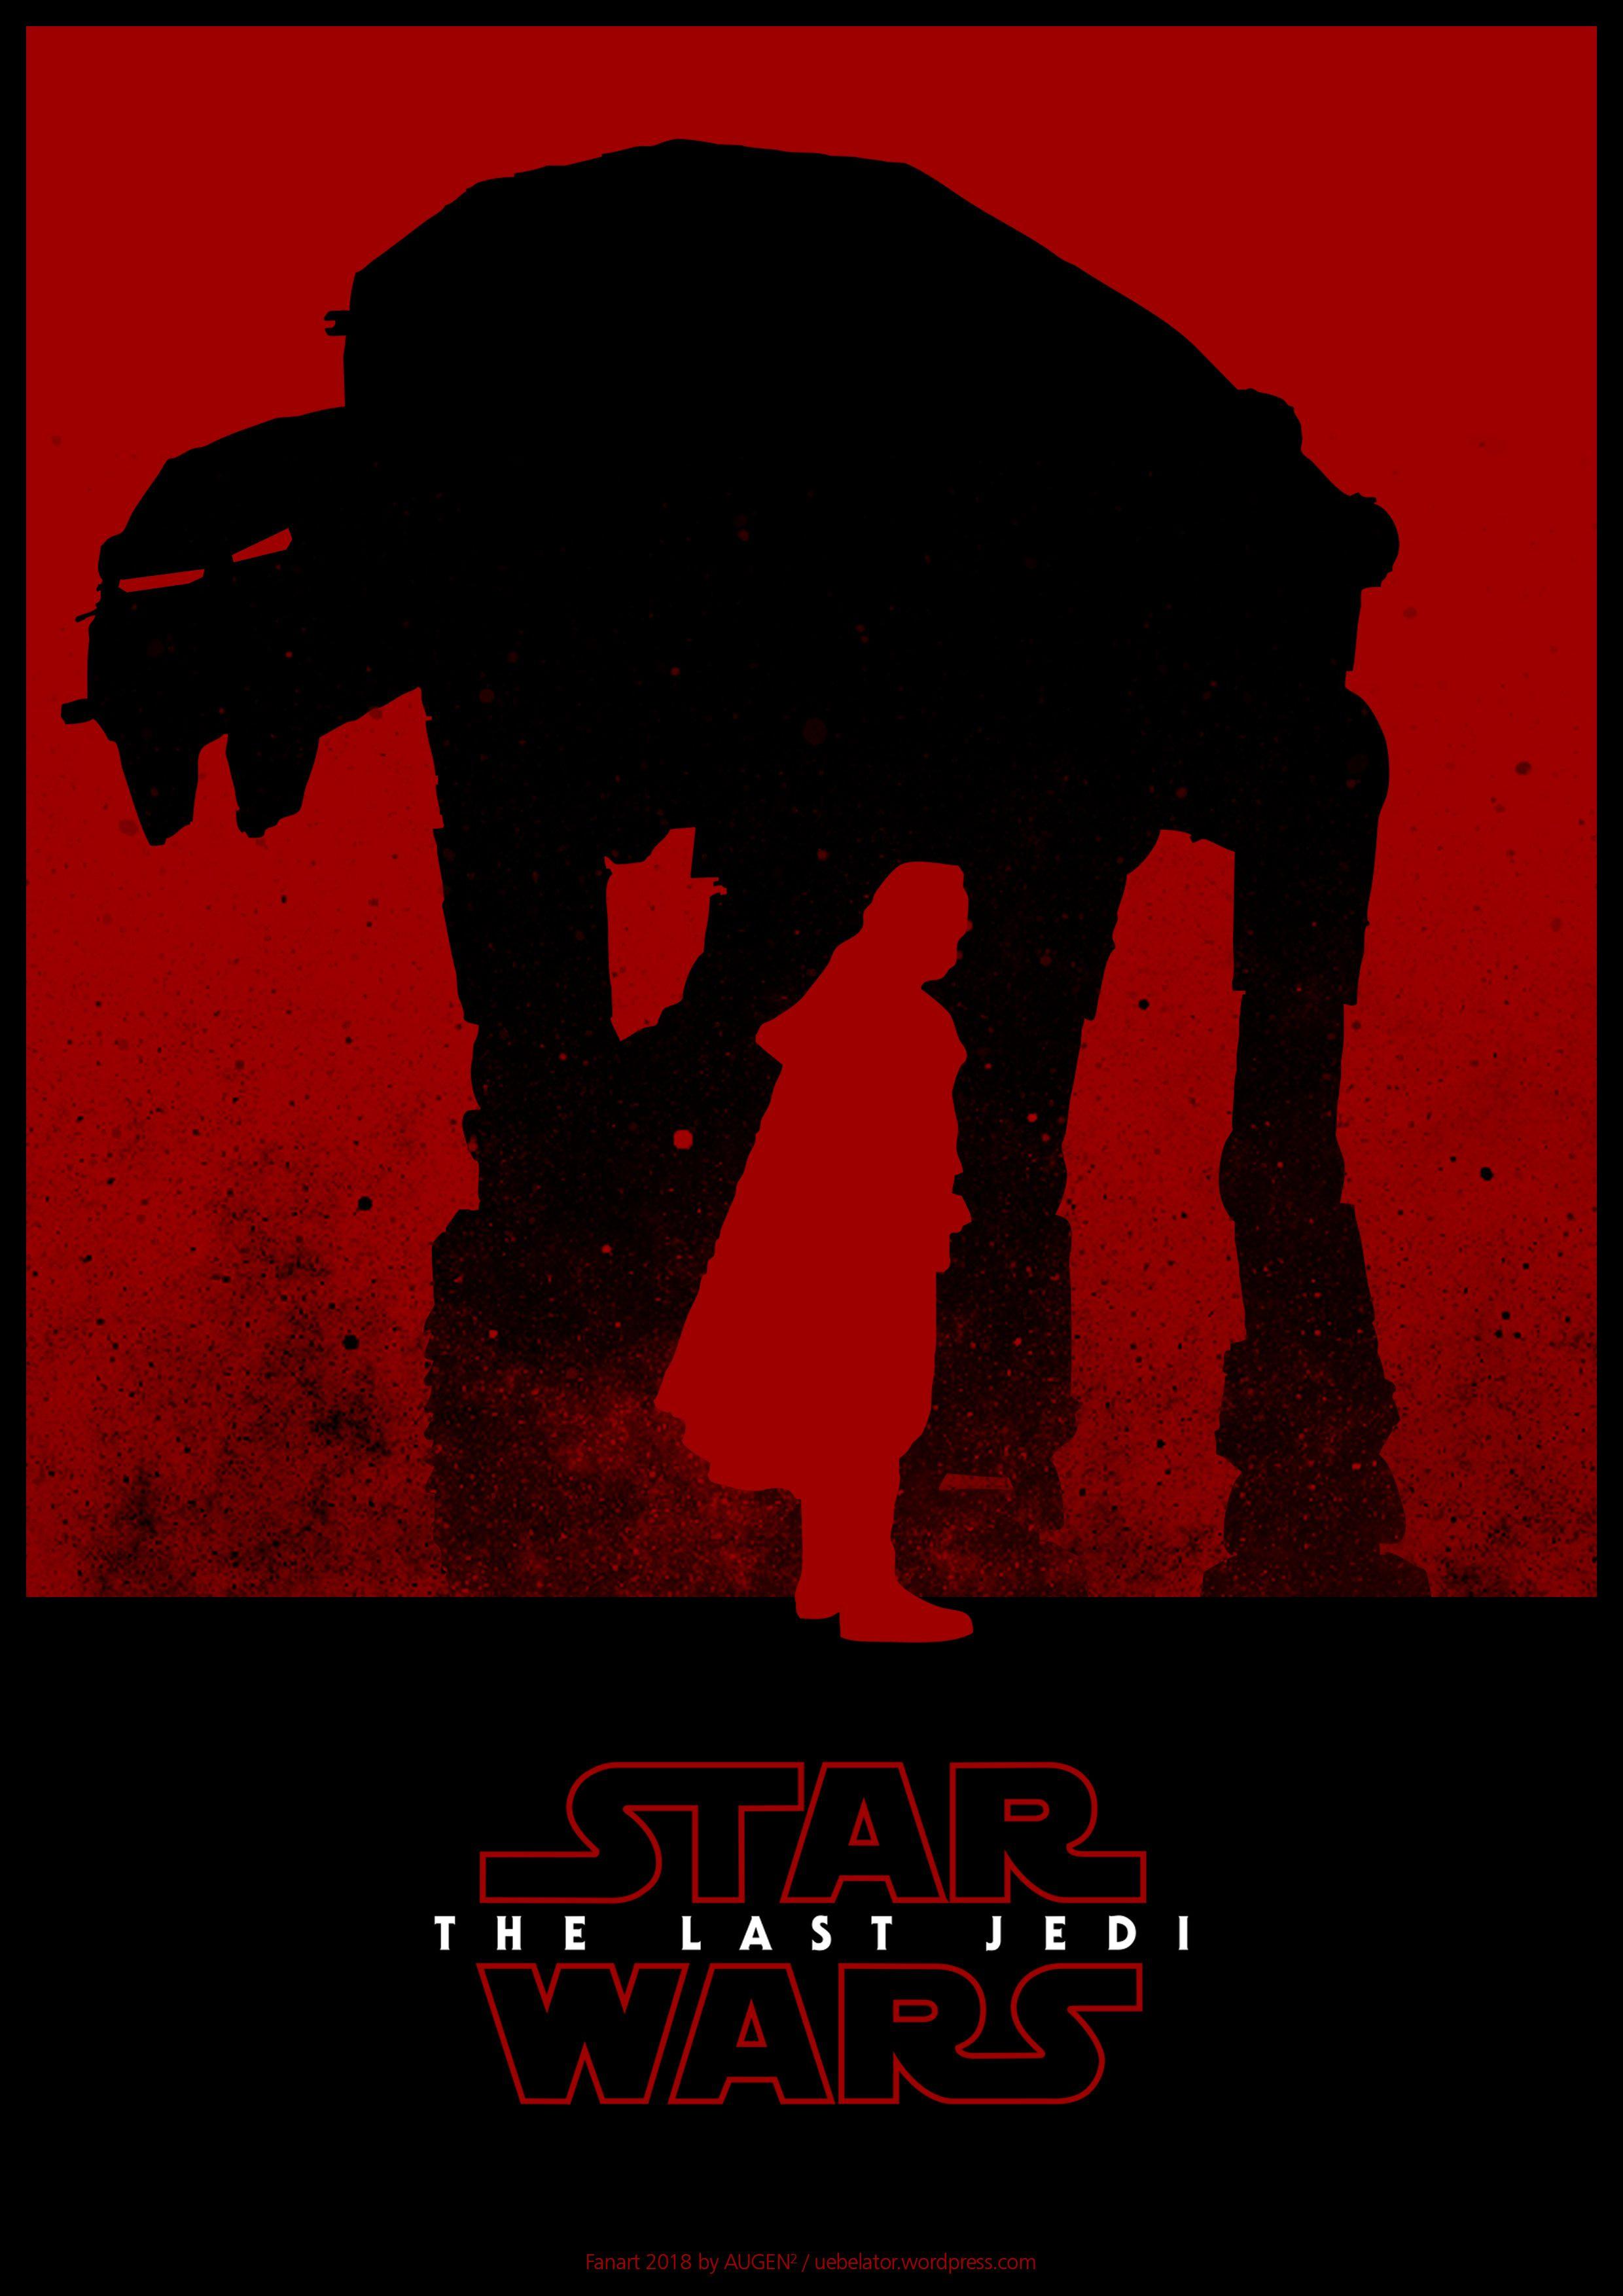 Star Wars The Last Jedi Minimalist Fanart Poster By Augen Last Jedi Comic Poster War